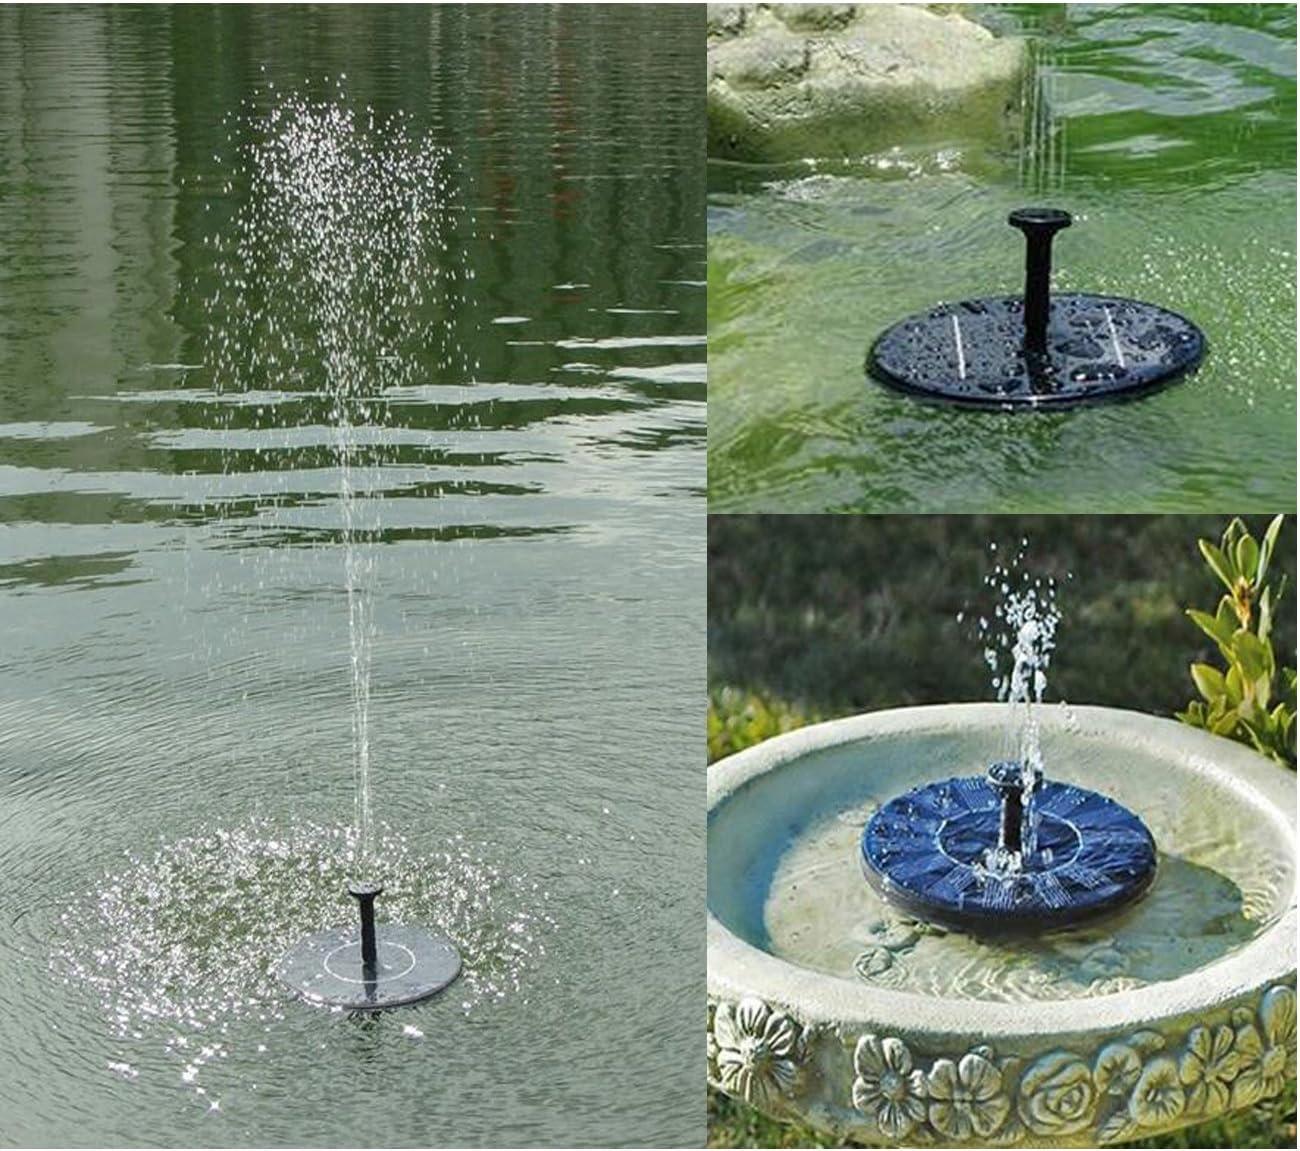 MCTECH 1.4W Pompe /à Eau Solaire Fontaine de Jardin Fontaine Rocaille Fontaine Pompe /à Eau Solaire Pompe Ext/érieure Arrosage Jardin